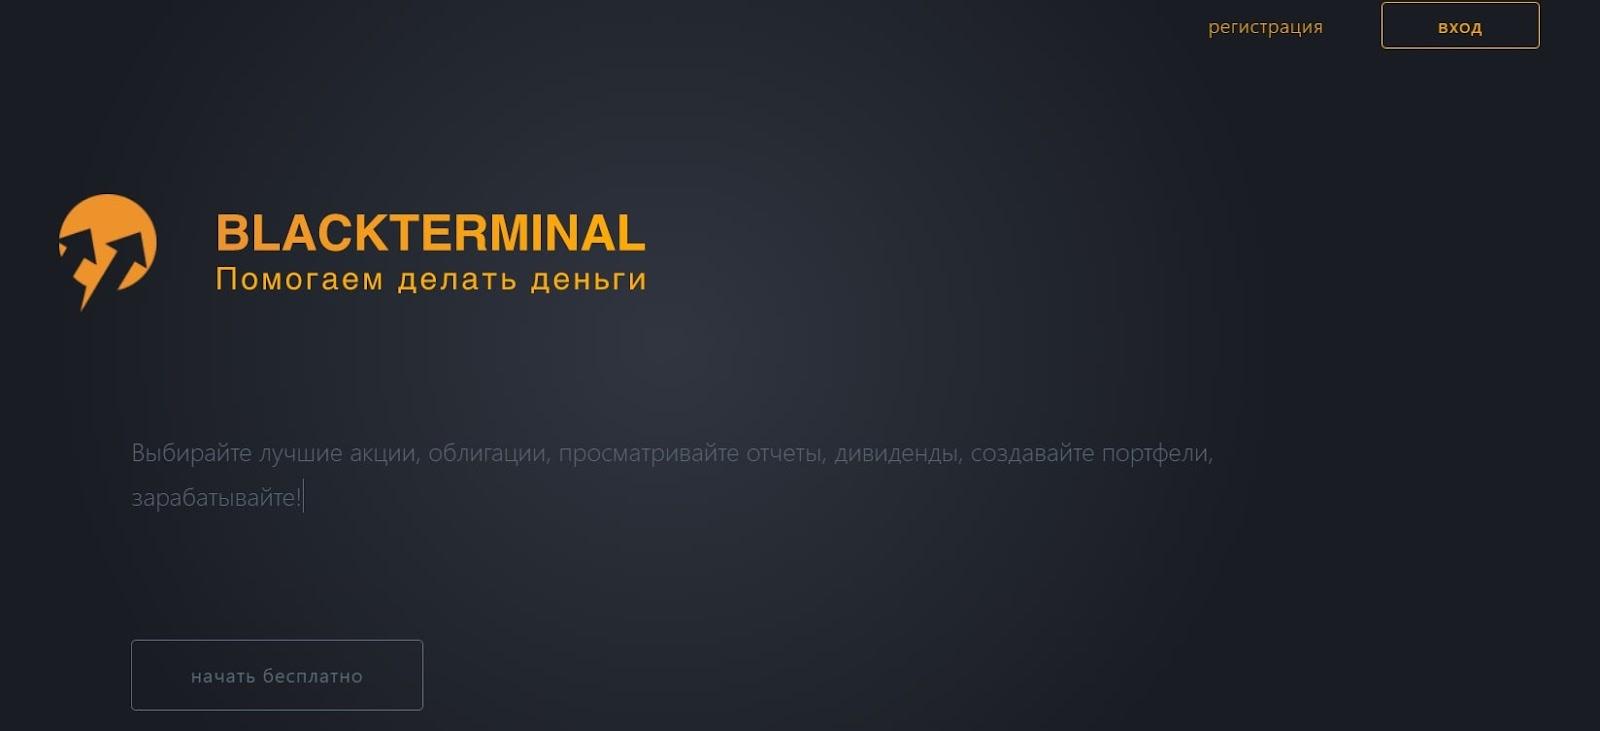 Отзывы о Black Terminal: стоит ли доверять компании? реальные отзывы